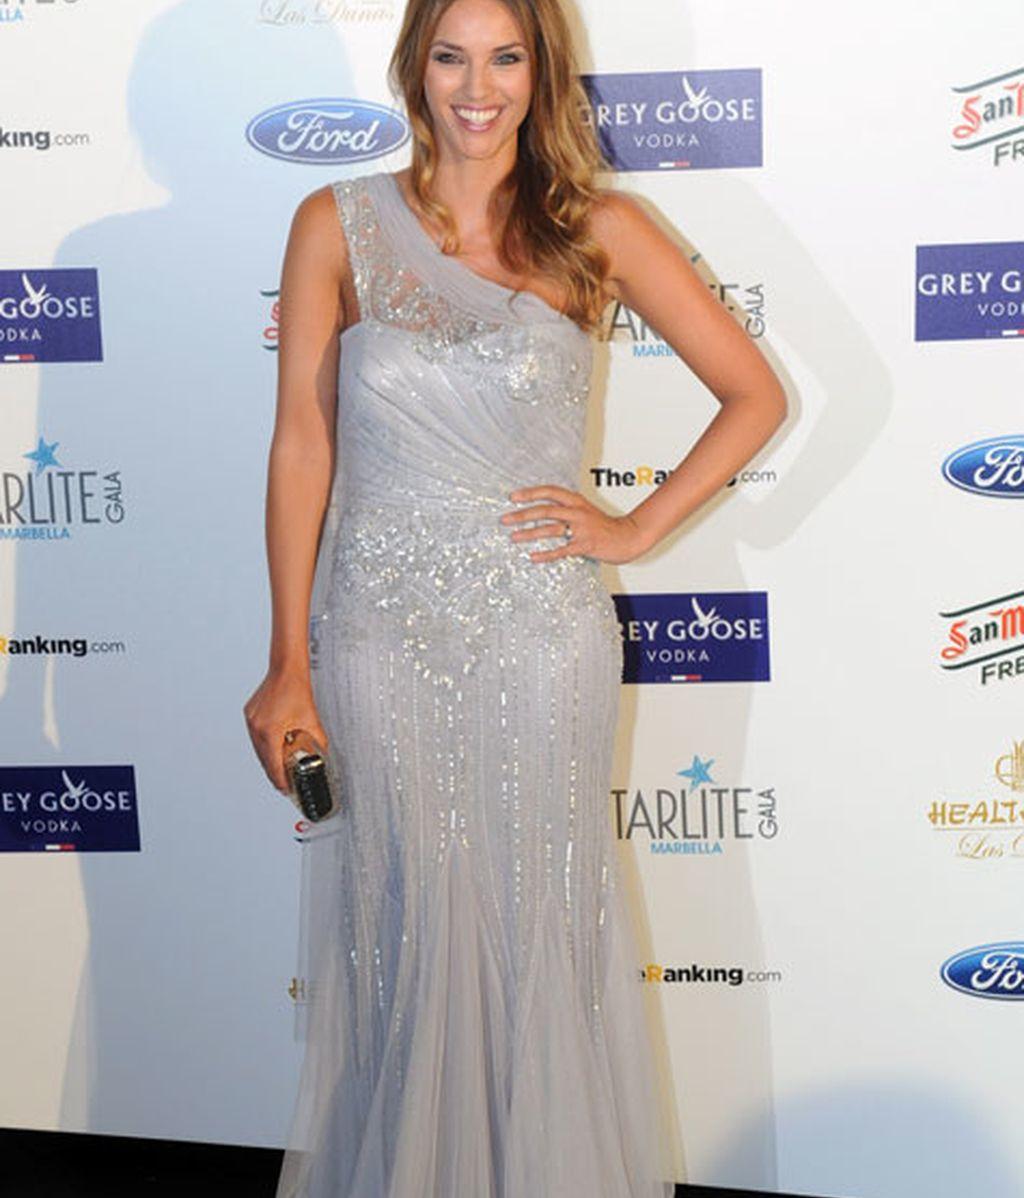 La modelo Helen Lindes brilló con su vestido gris